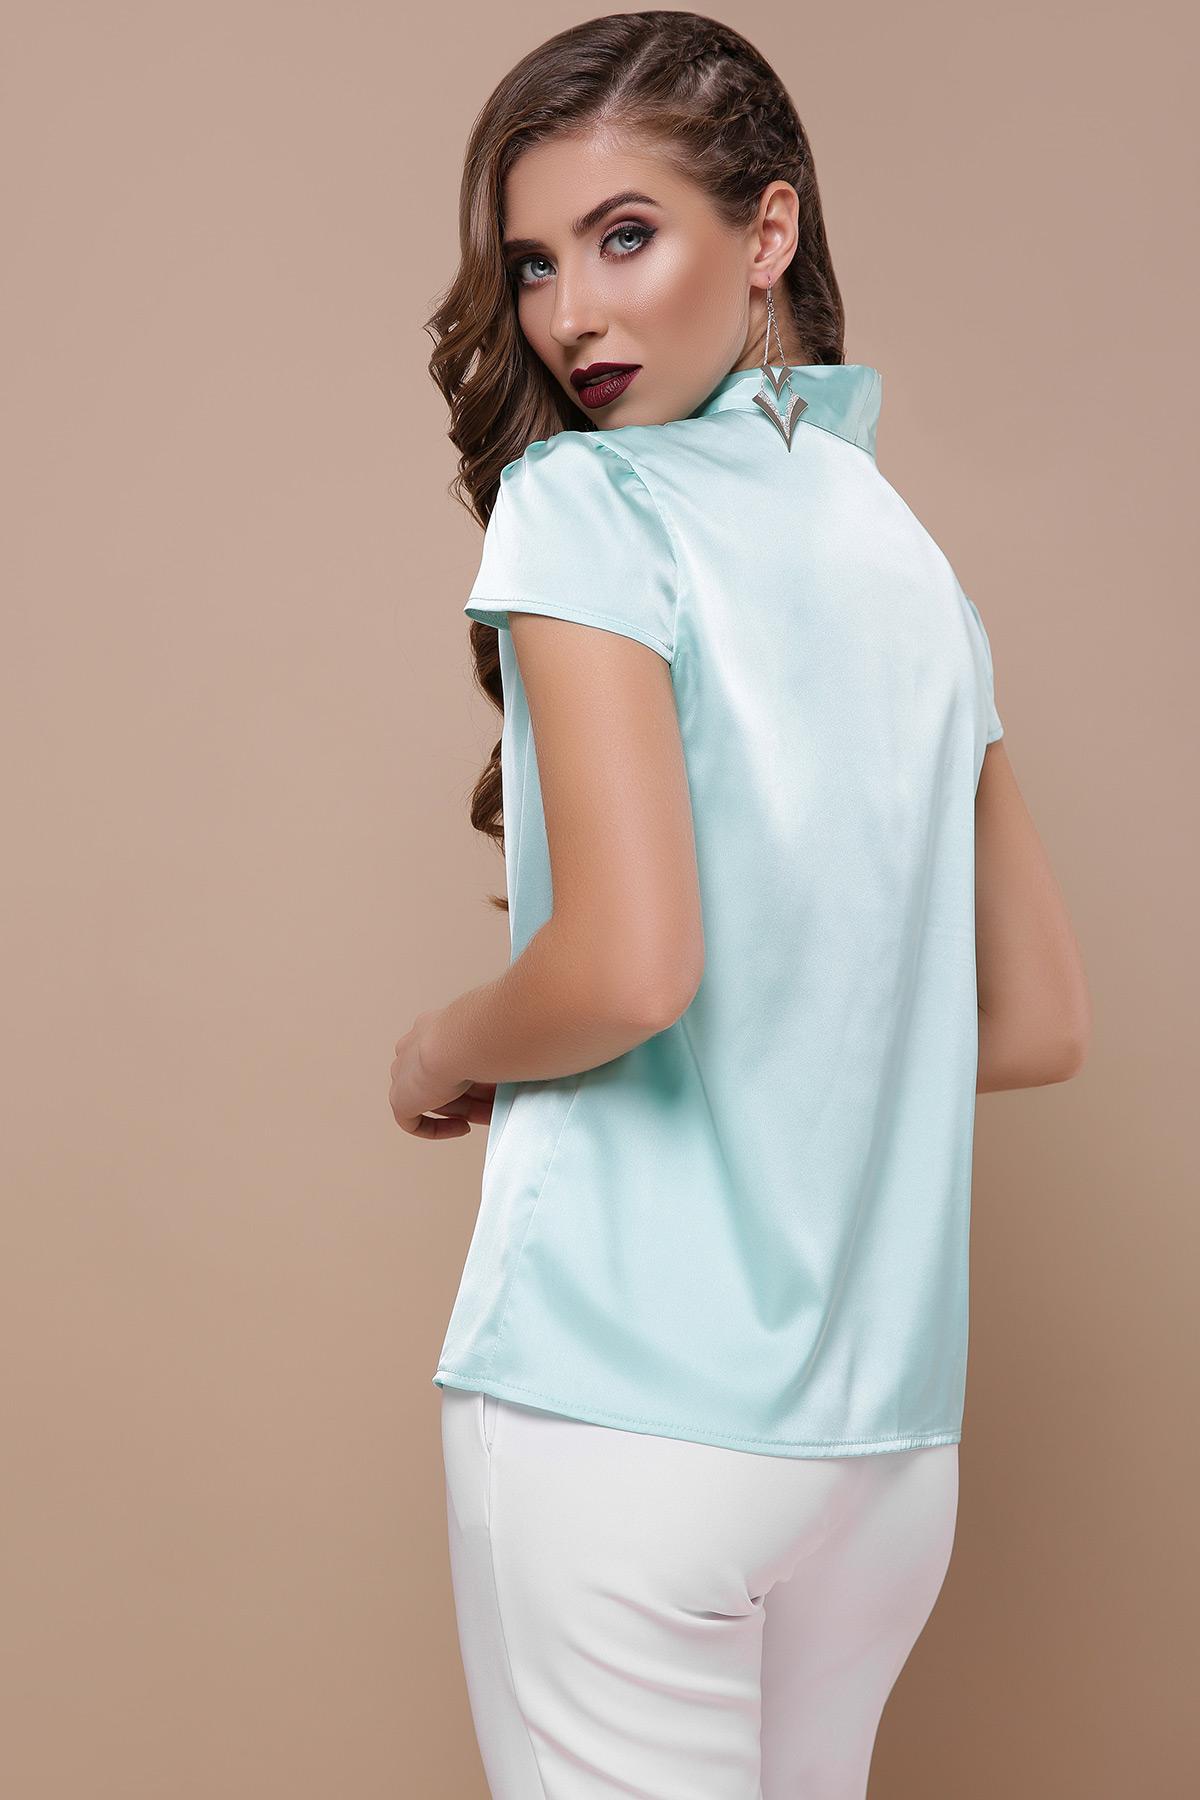 fa59155e654 Шелковая персиковая блузка Филипа к р - купить в Украине